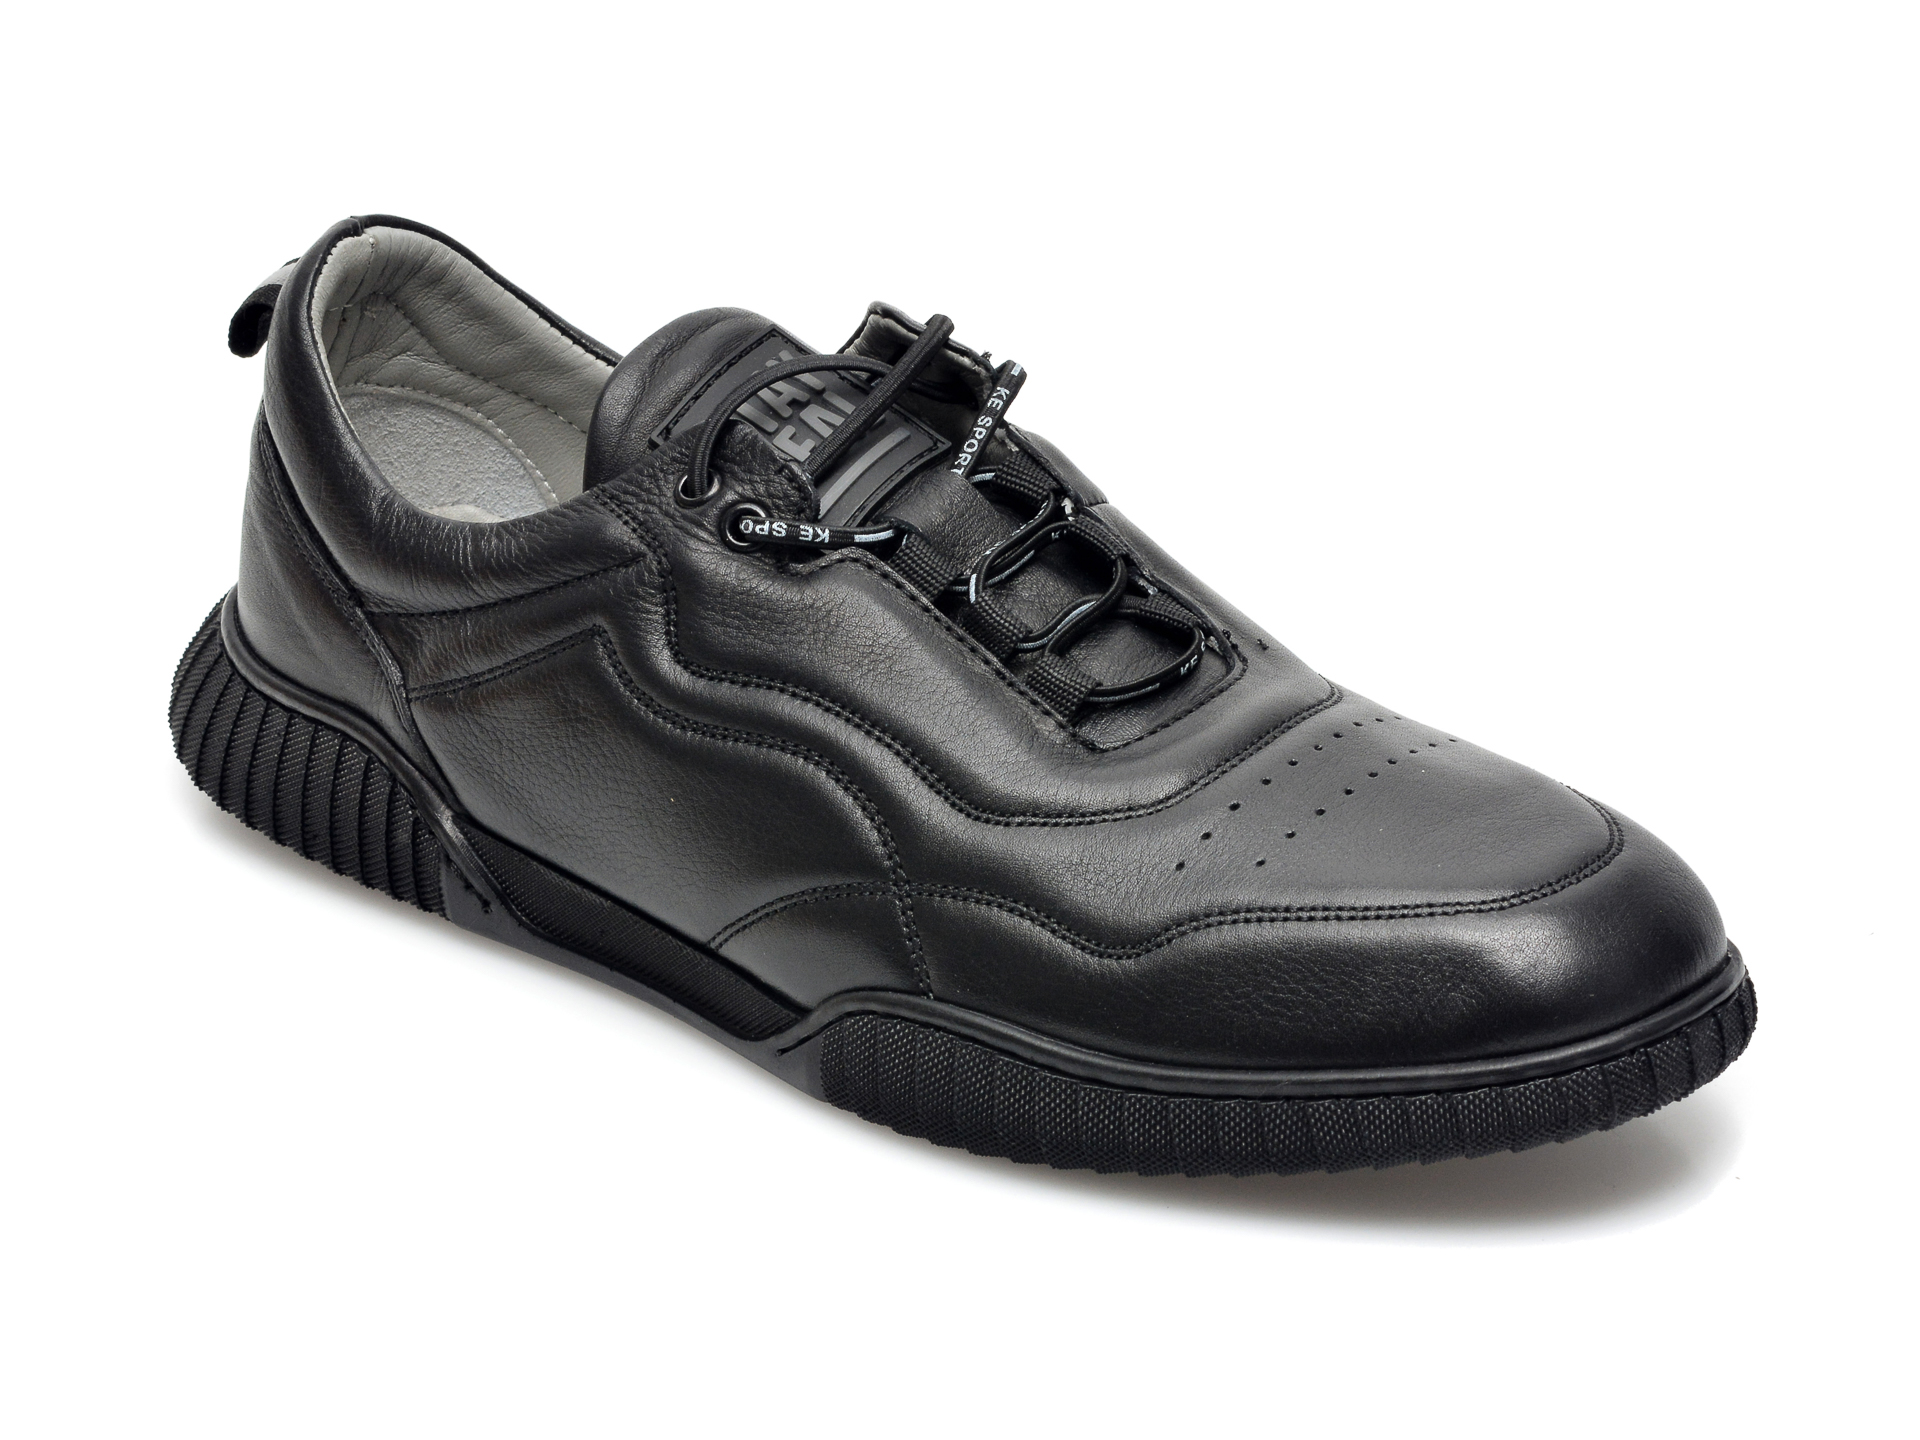 Pantofi OTTER negri, 24204, din piele naturala imagine otter.ro